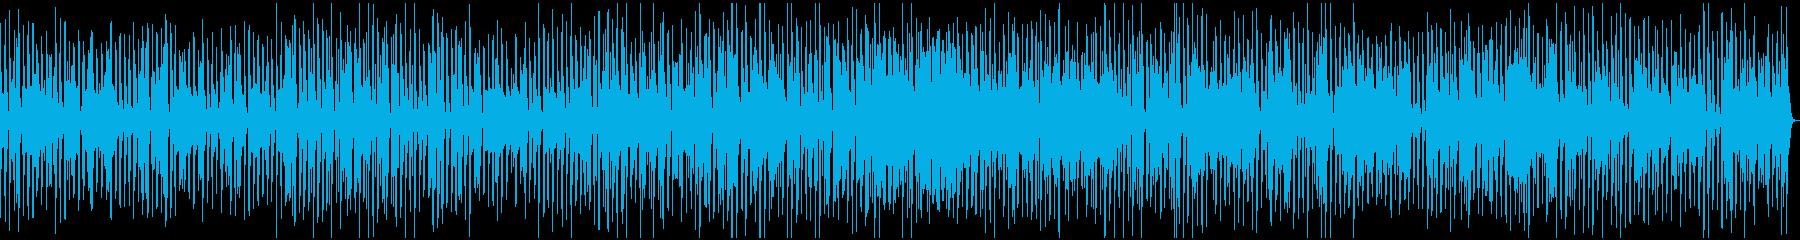 ラテン風に怪しく奏でるジャズ・タンゴの再生済みの波形